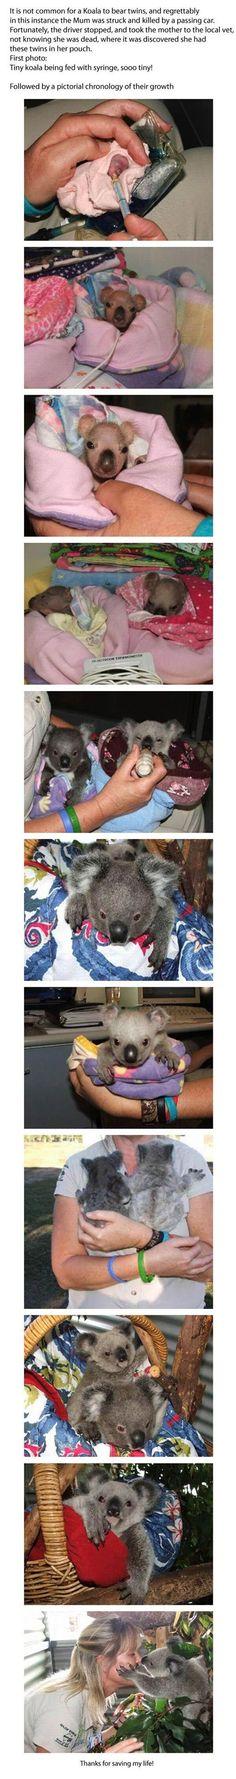 Pin trobat a http://www.lolme.org/lolpics/baby-koala-life-story/